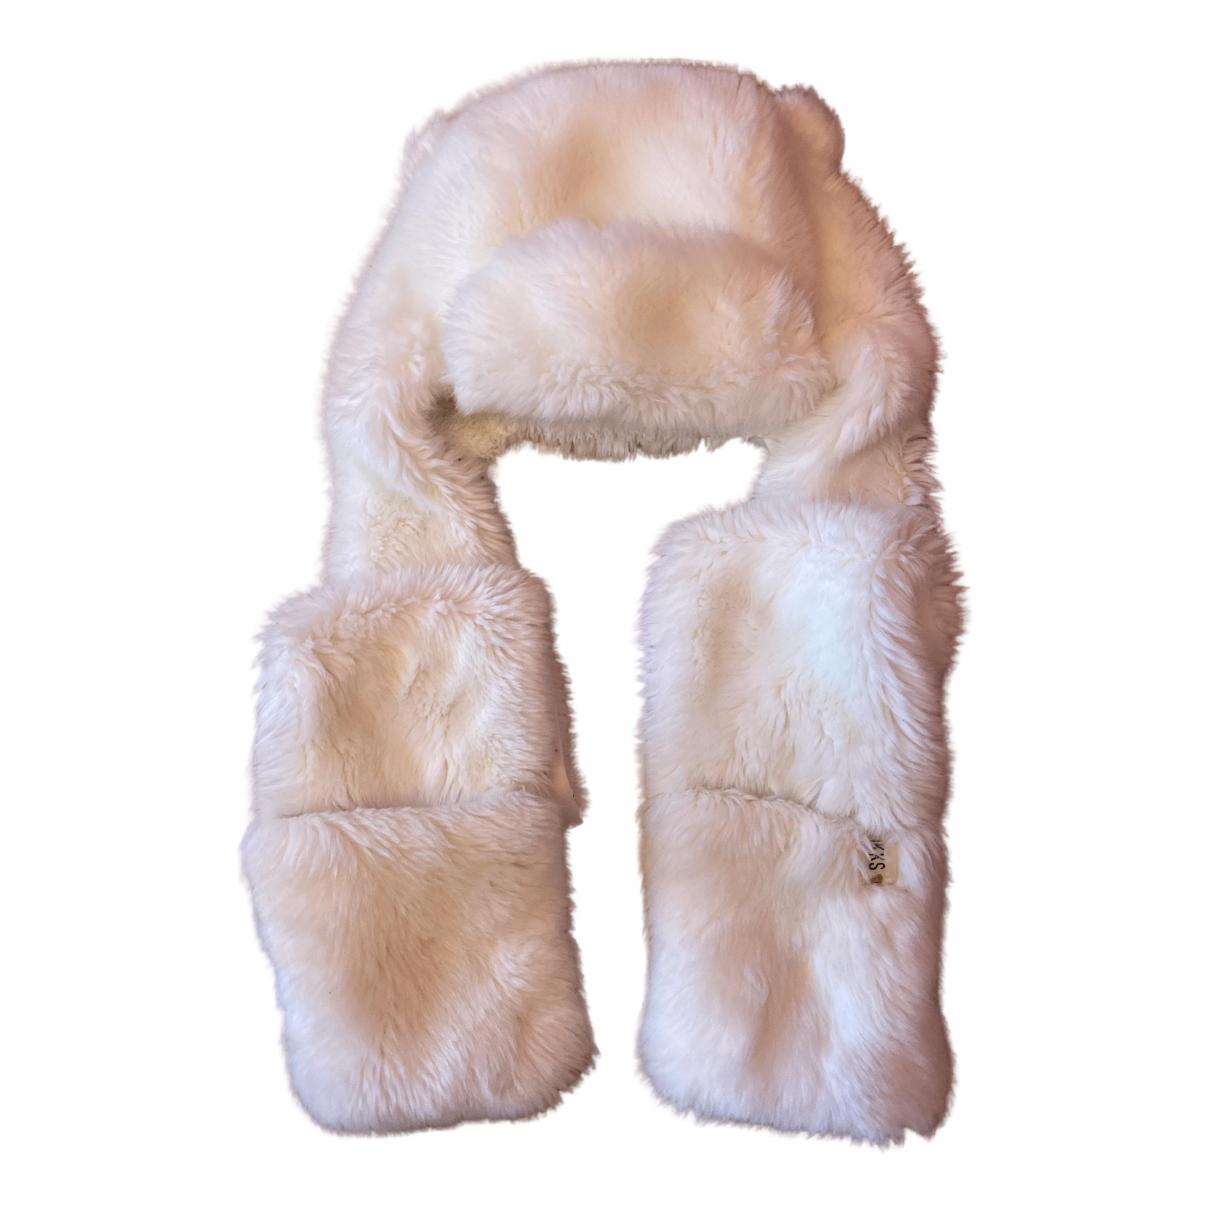 Ikks \N Hut, Muetzen, Handschuhe in  Weiss Fell